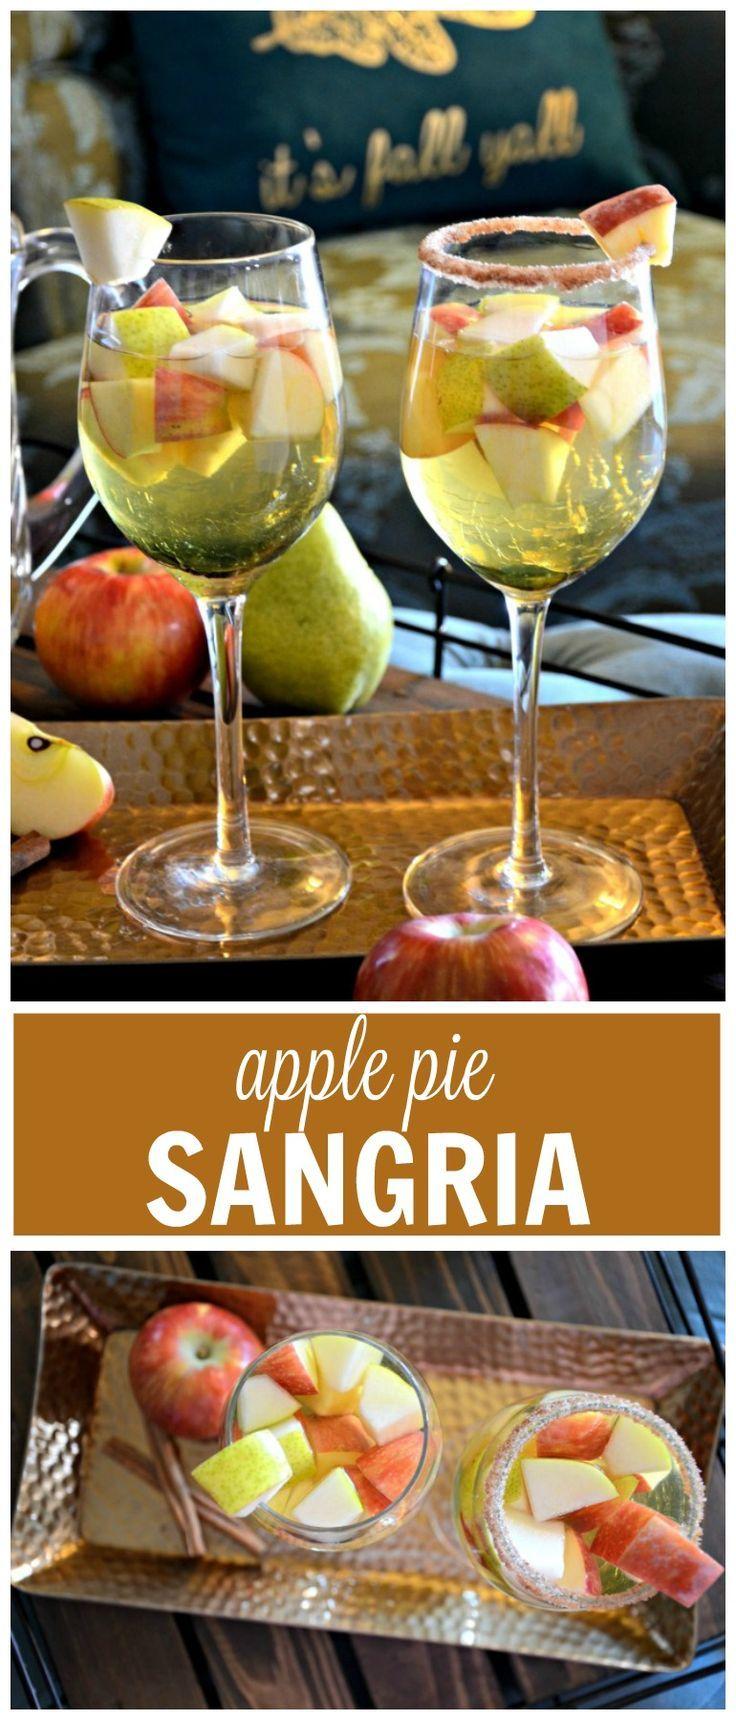 Medium Crop Of Apple Pie Sangria